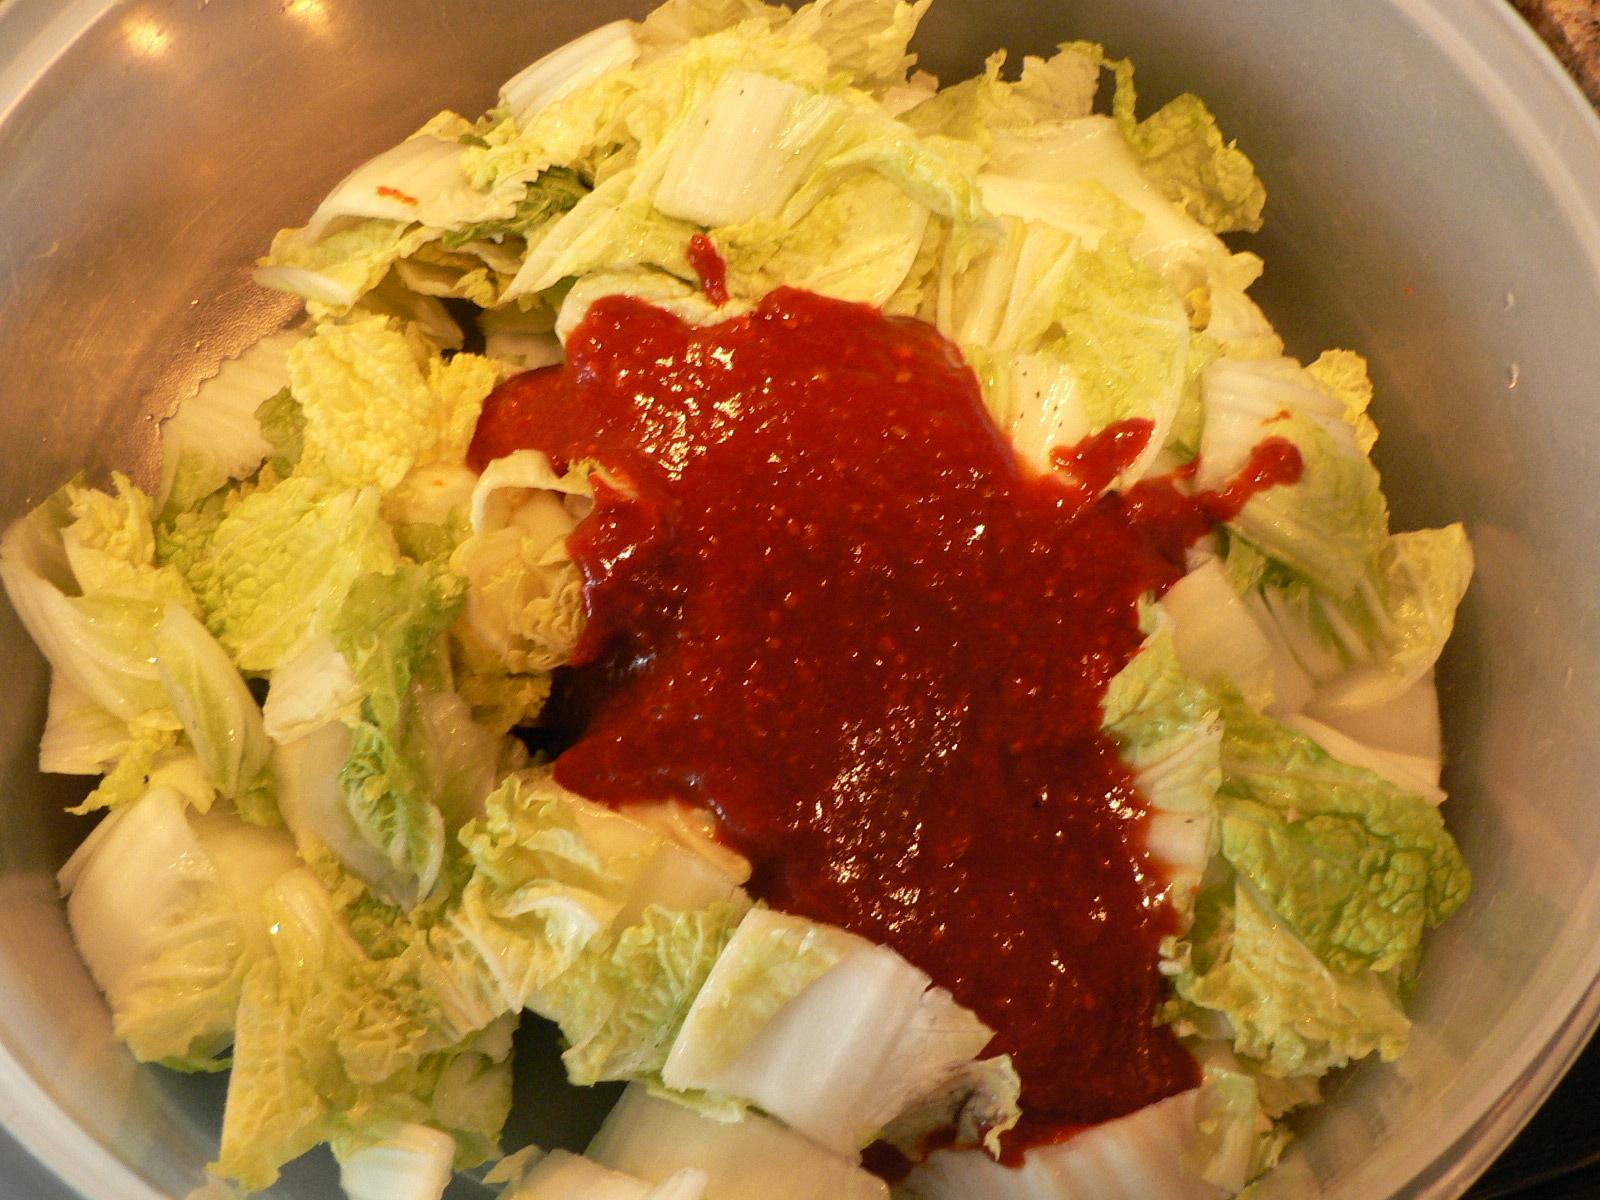 how to avoid slty kimchi